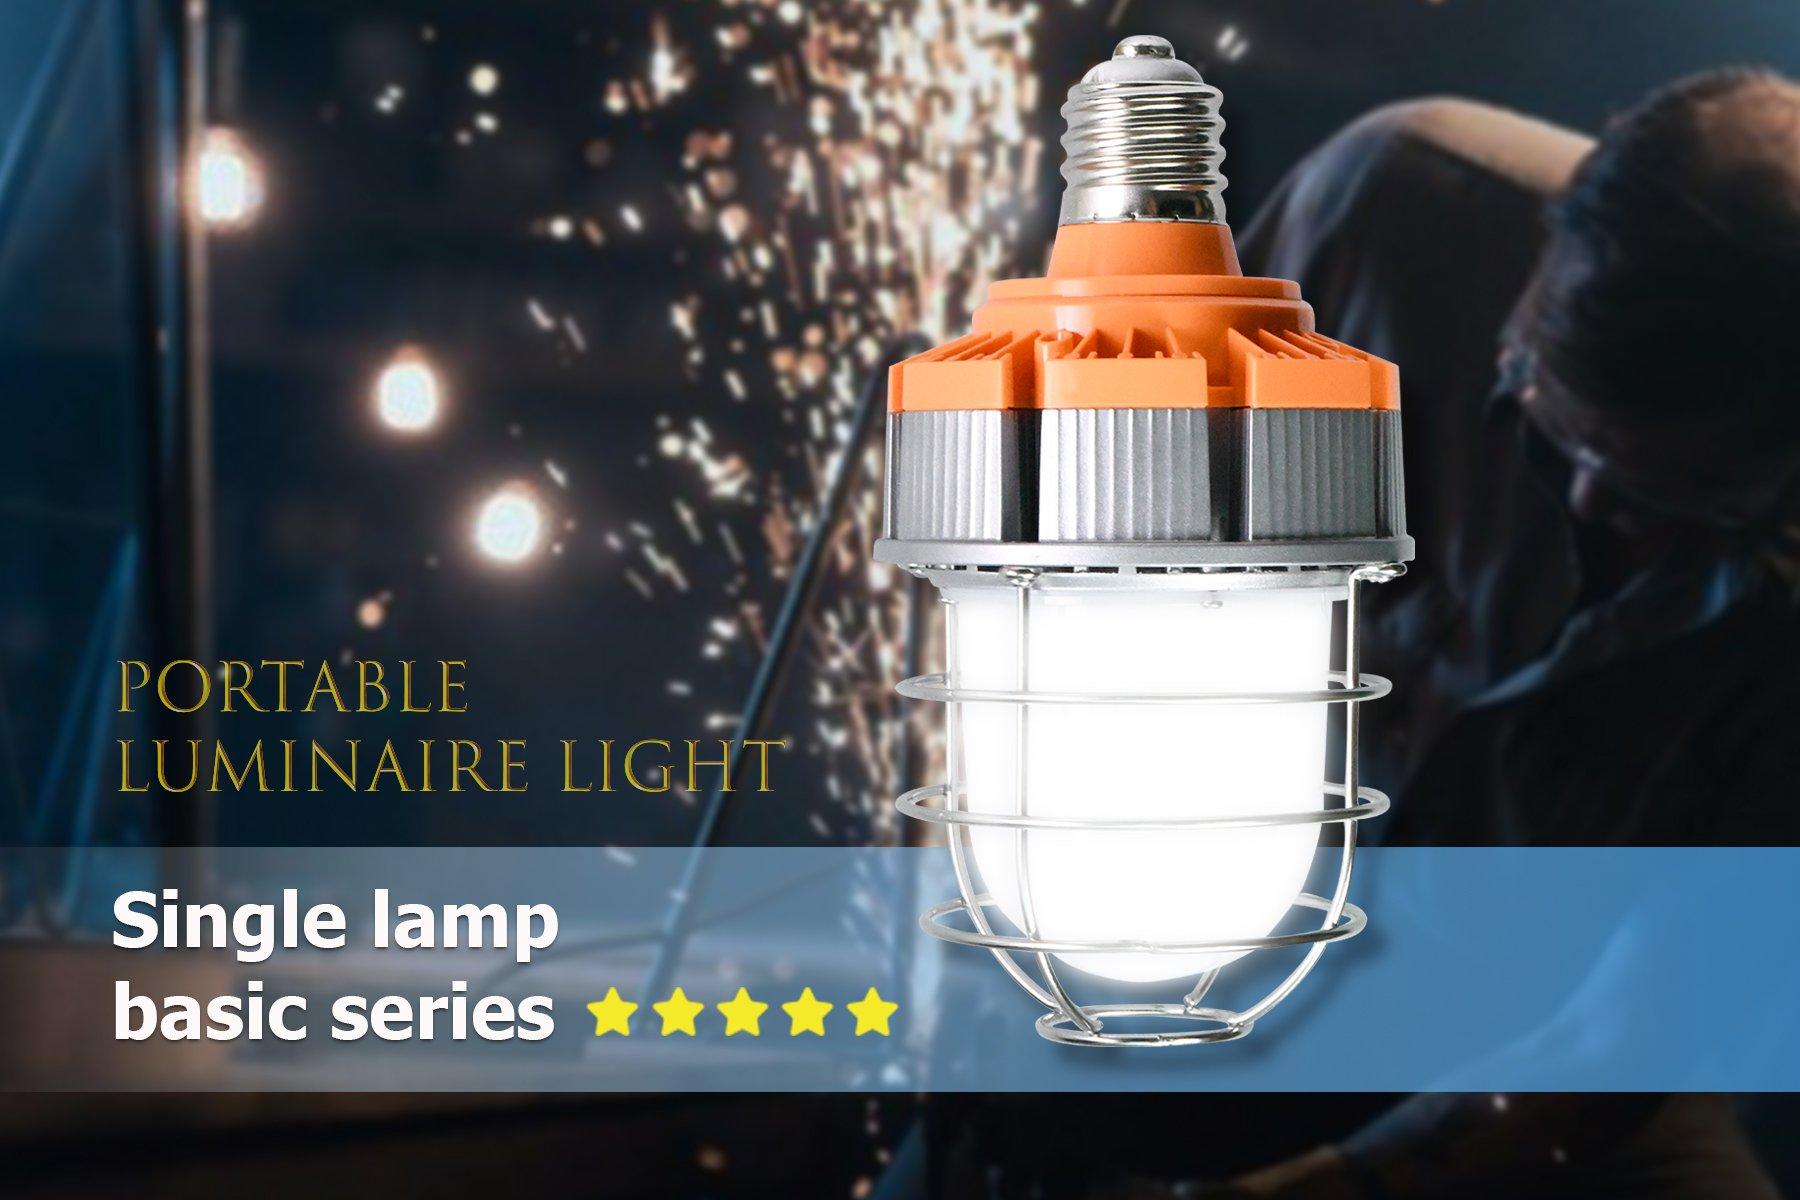 LED Portable Luminaire Light